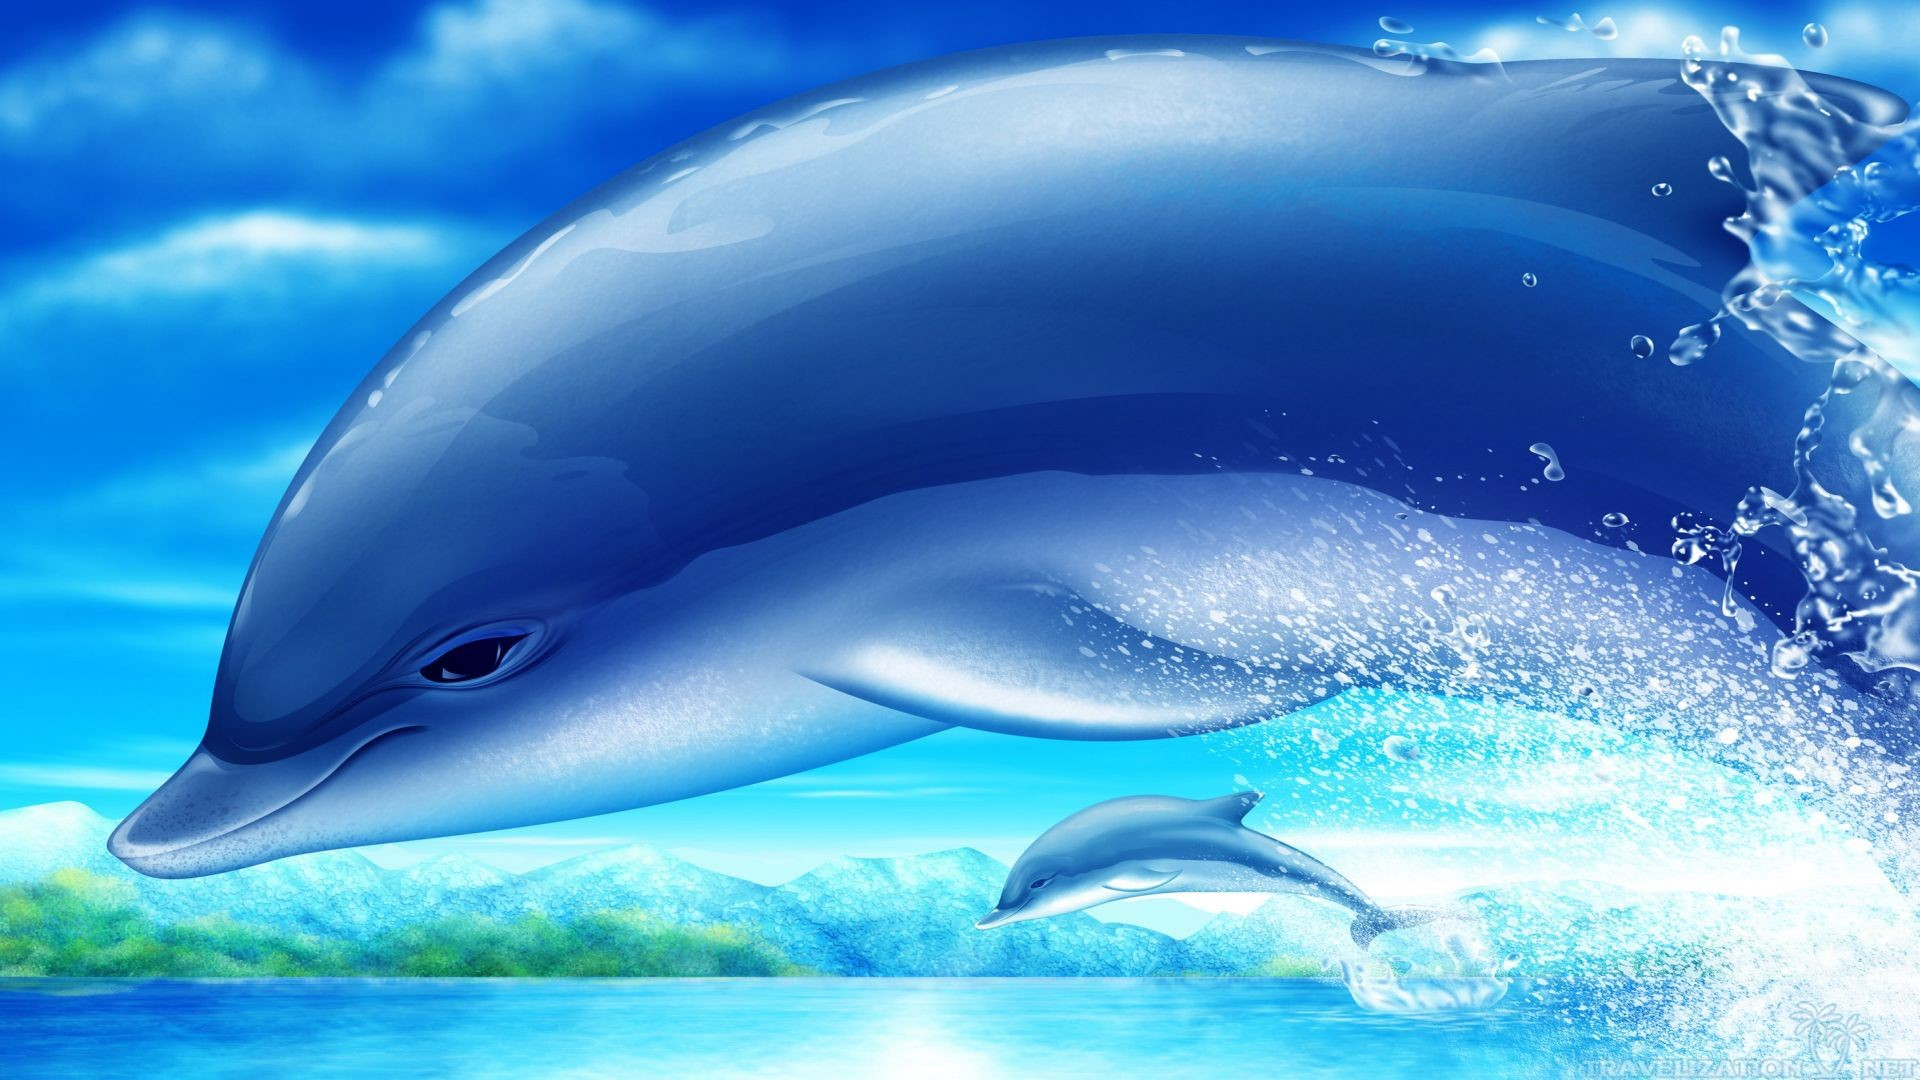 обои широкоформатные на рабочий стол бесплатно море и дельфины № 217045 бесплатно